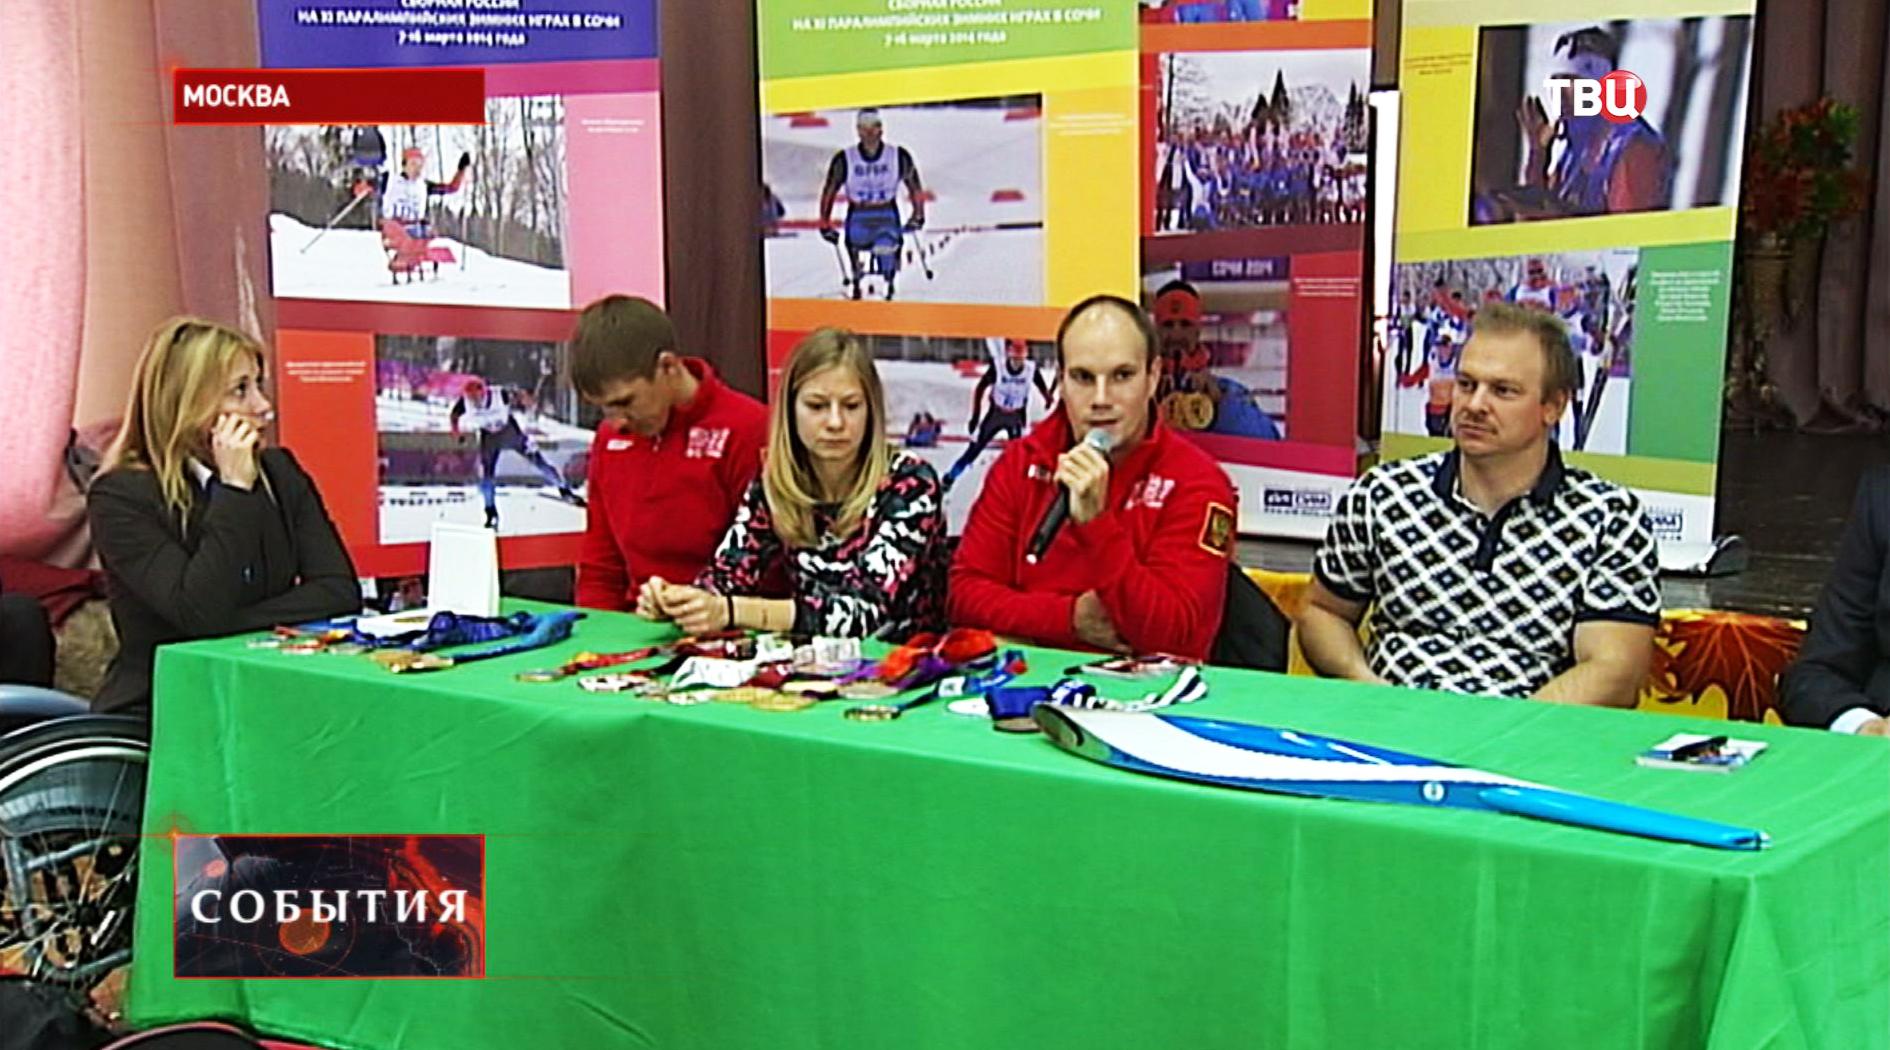 Спортсмены-паралимпийцы проводят открытый урок в школе